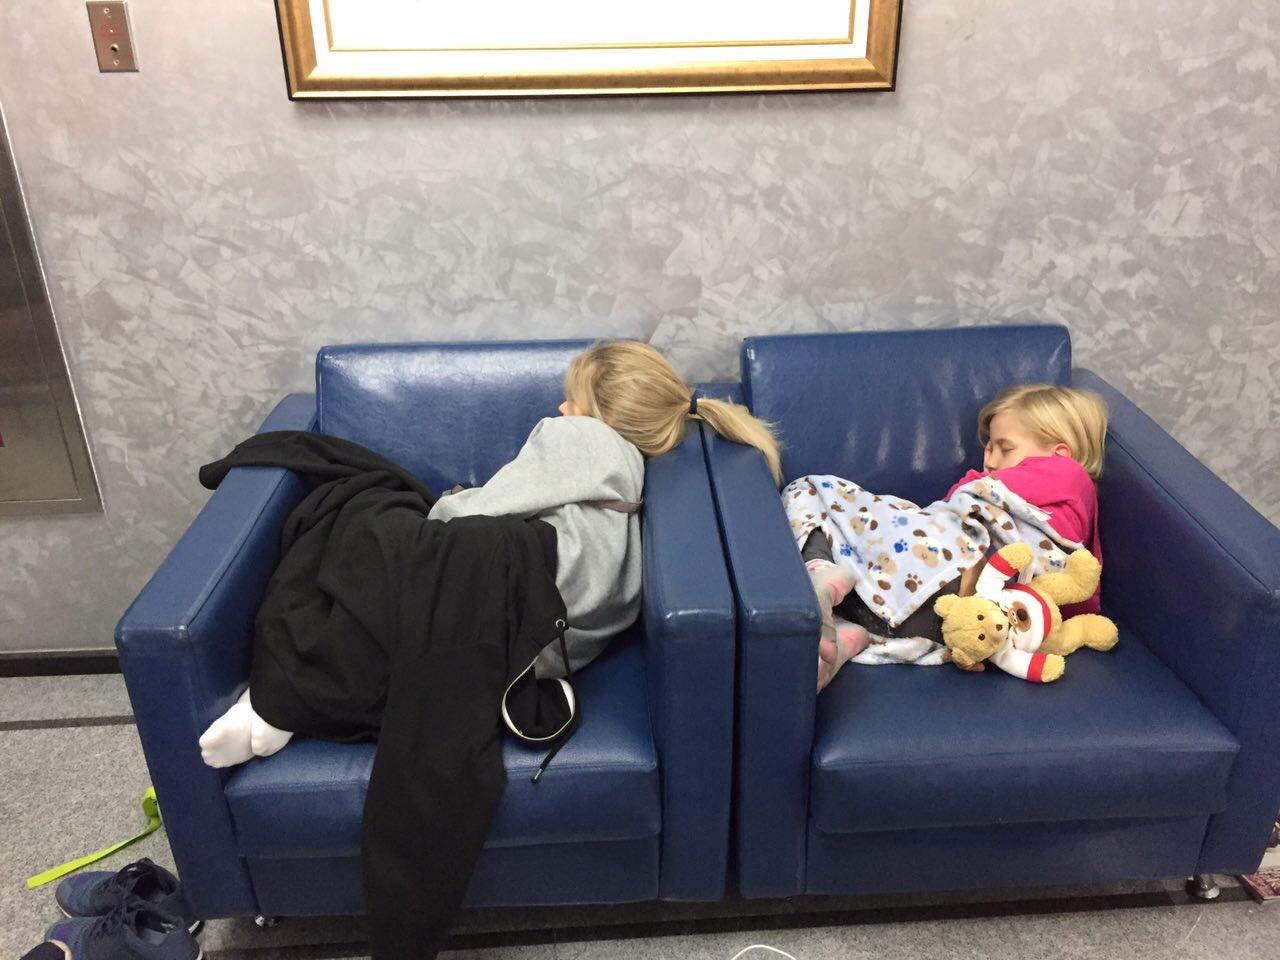 Дети некоторых пассажиров заболели, их едва удалось расположить на свободных креслах